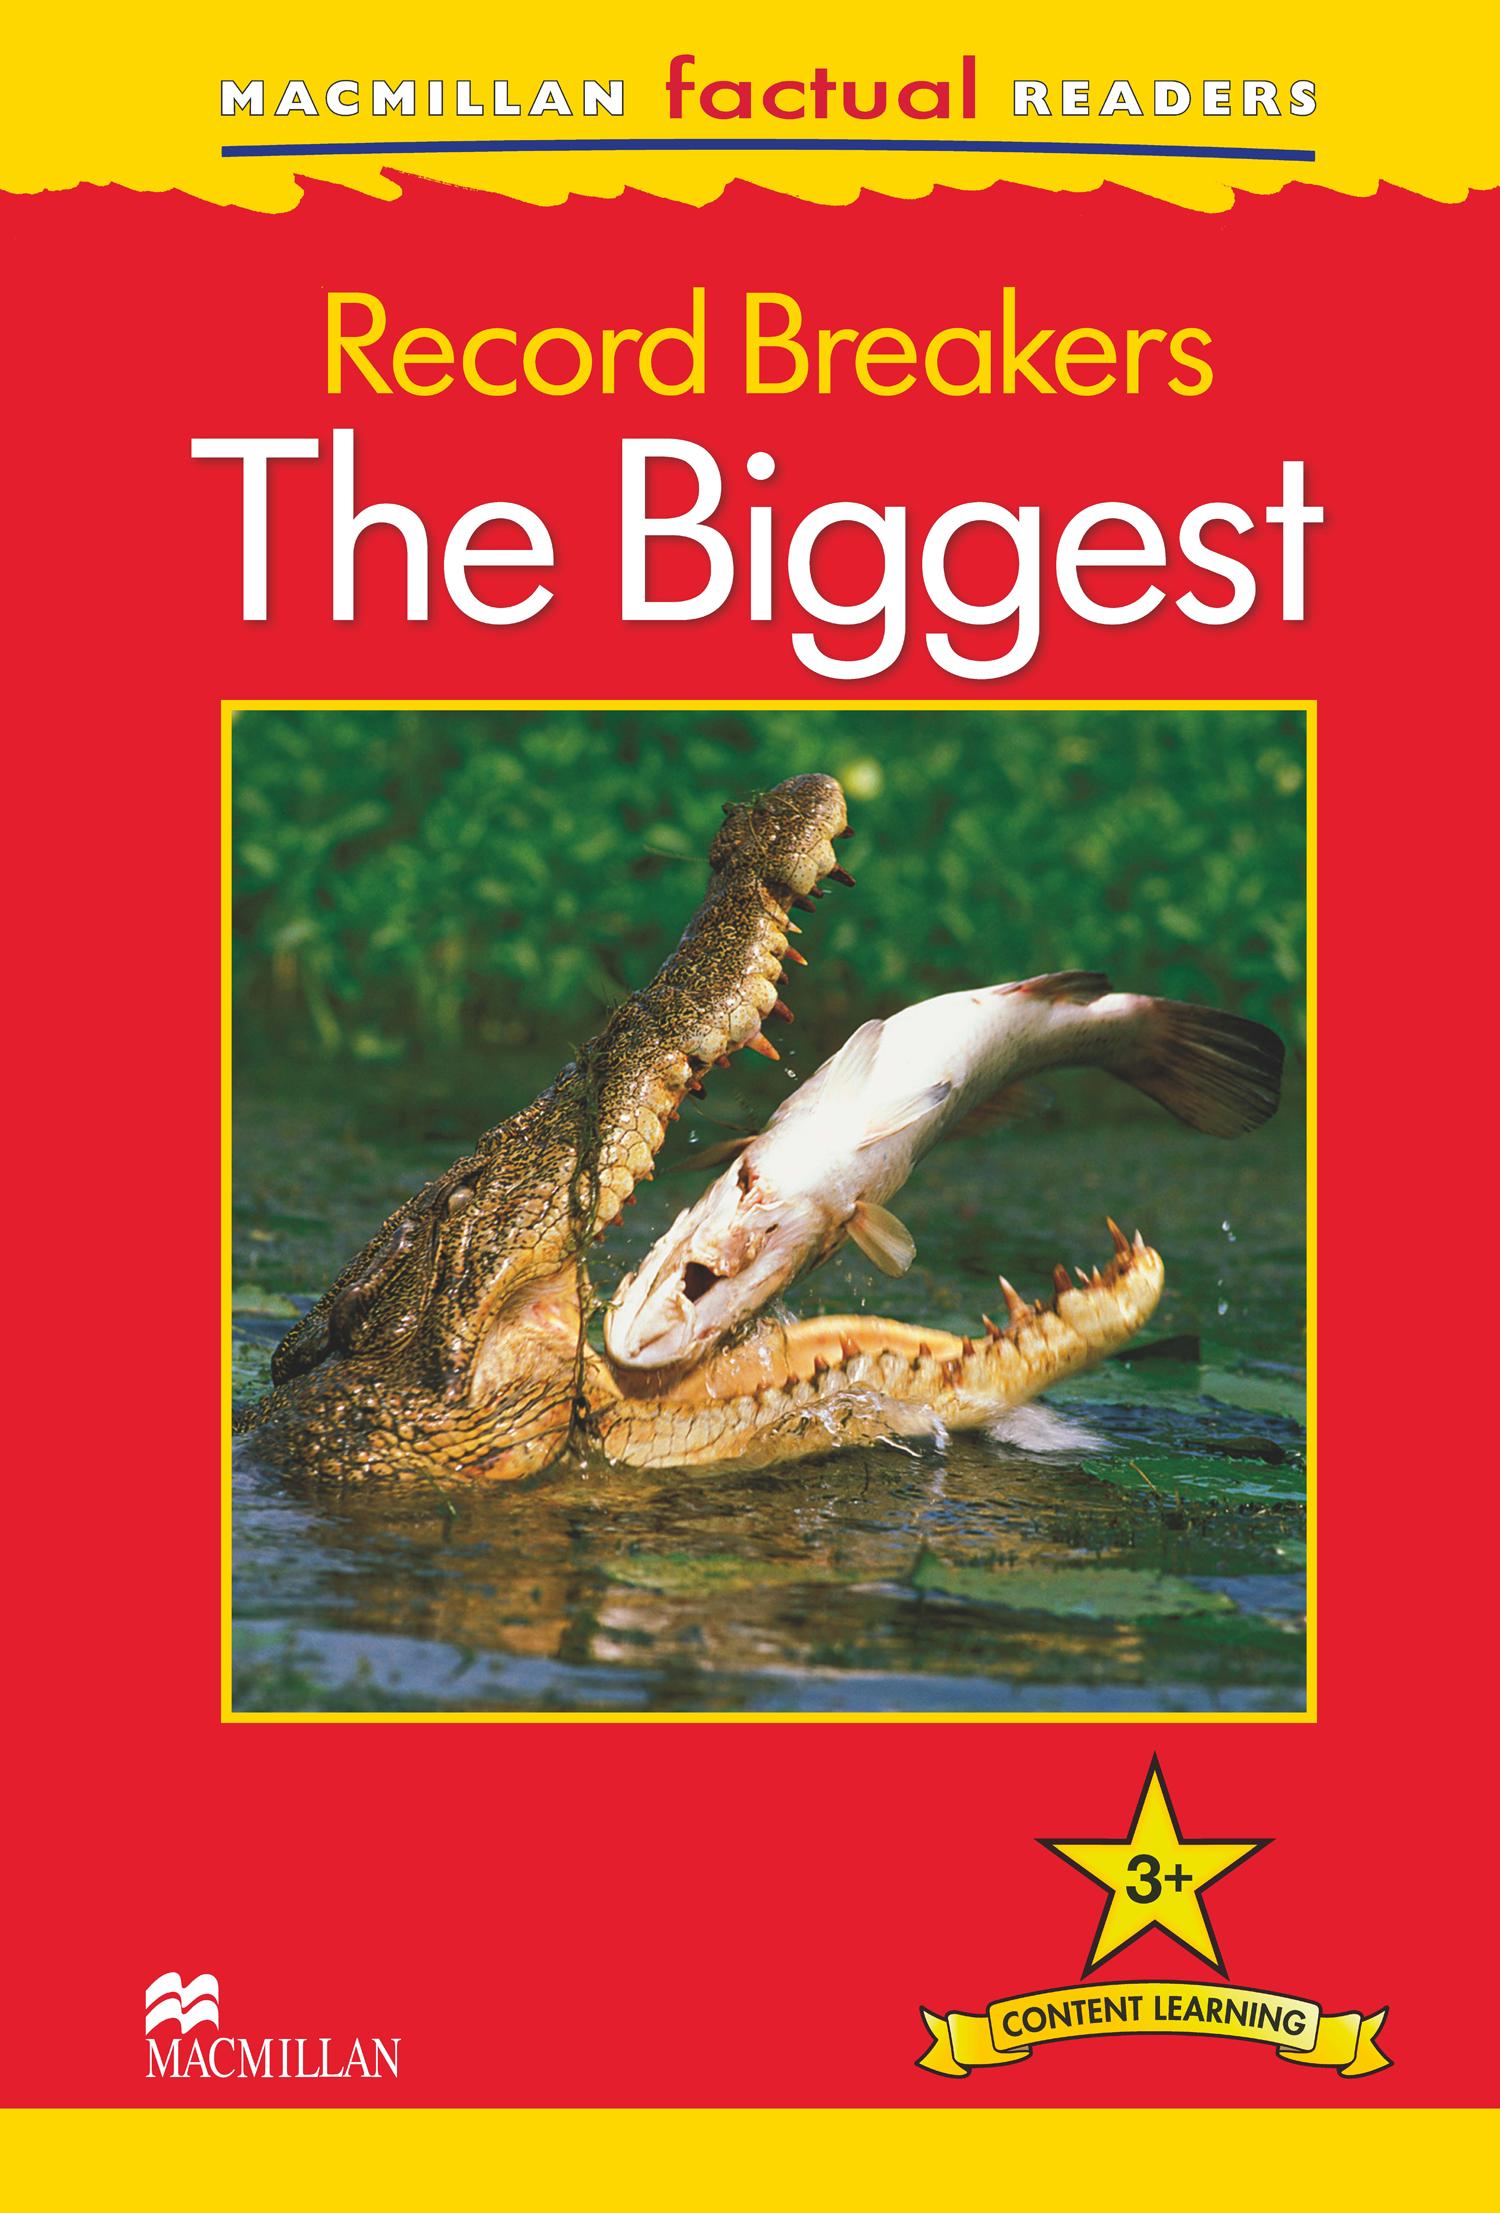 Macmillan Factual Readers: Record Breakers - The Biggest